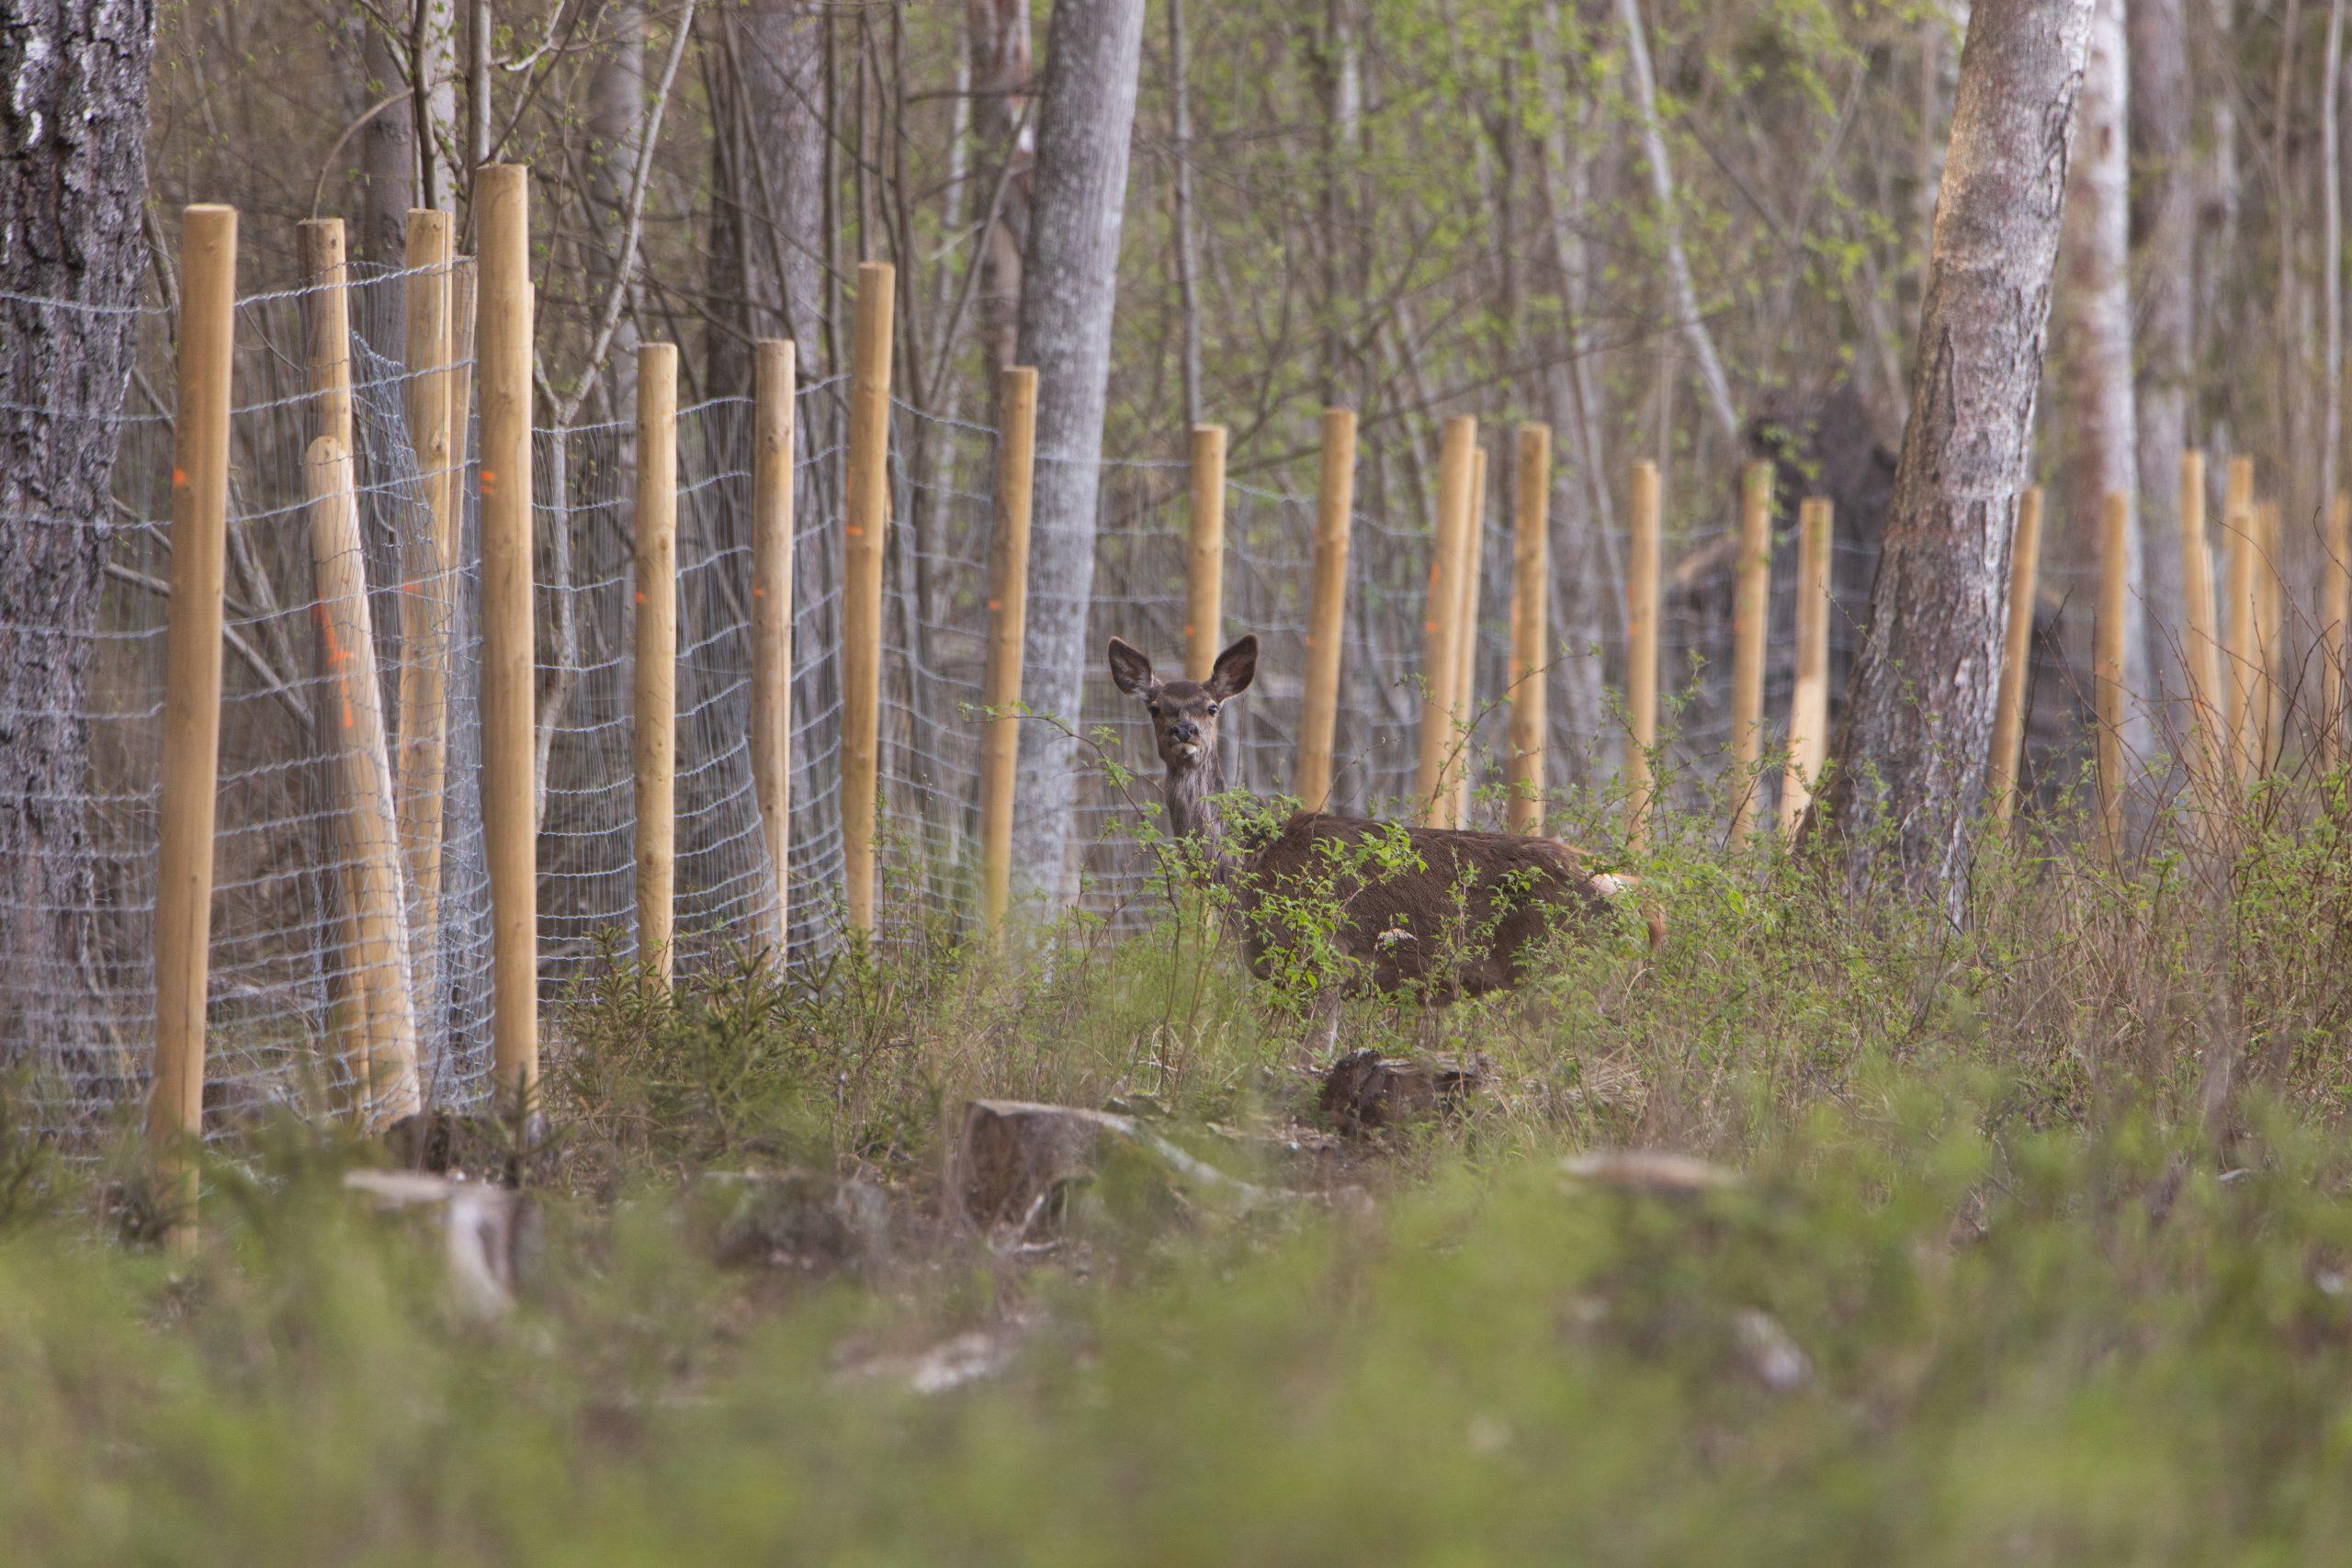 Legalūs spąstai miškuose